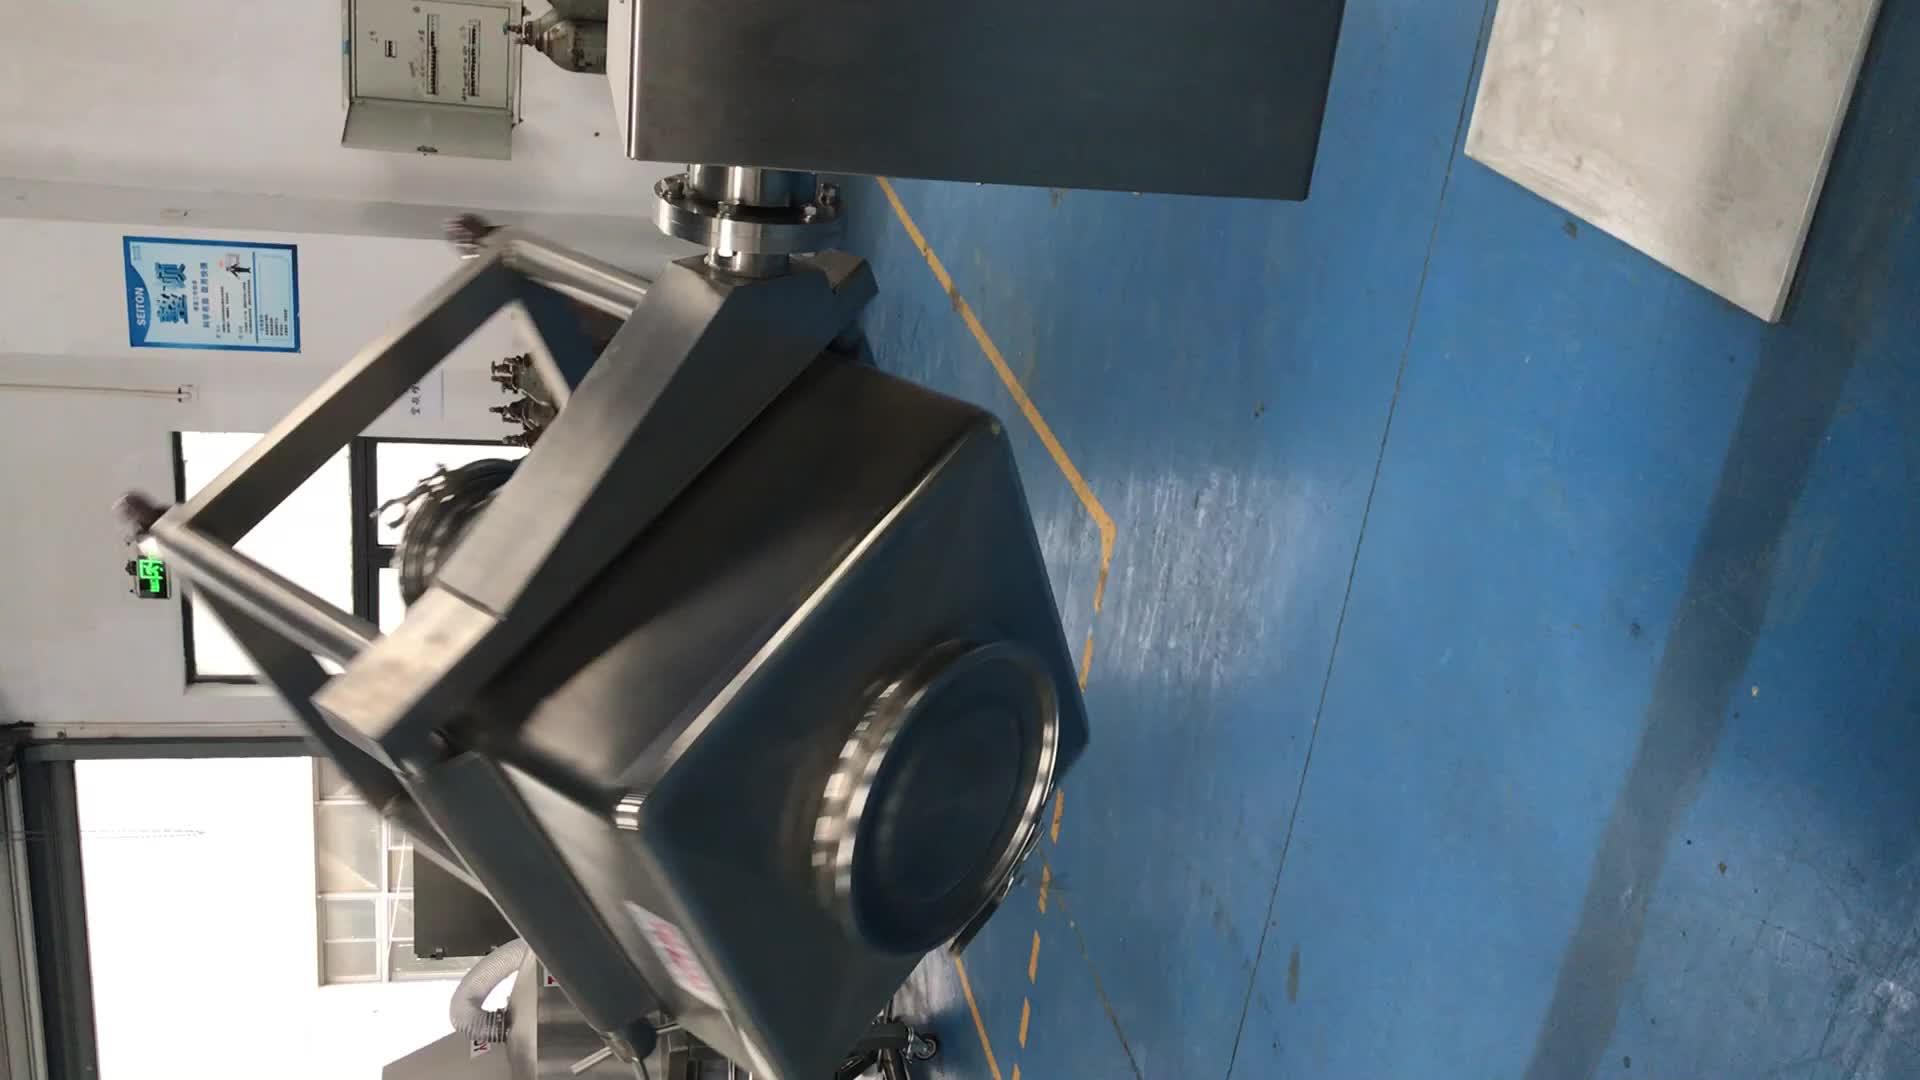 TPB series pharmacy equipment post bin mixer / blender